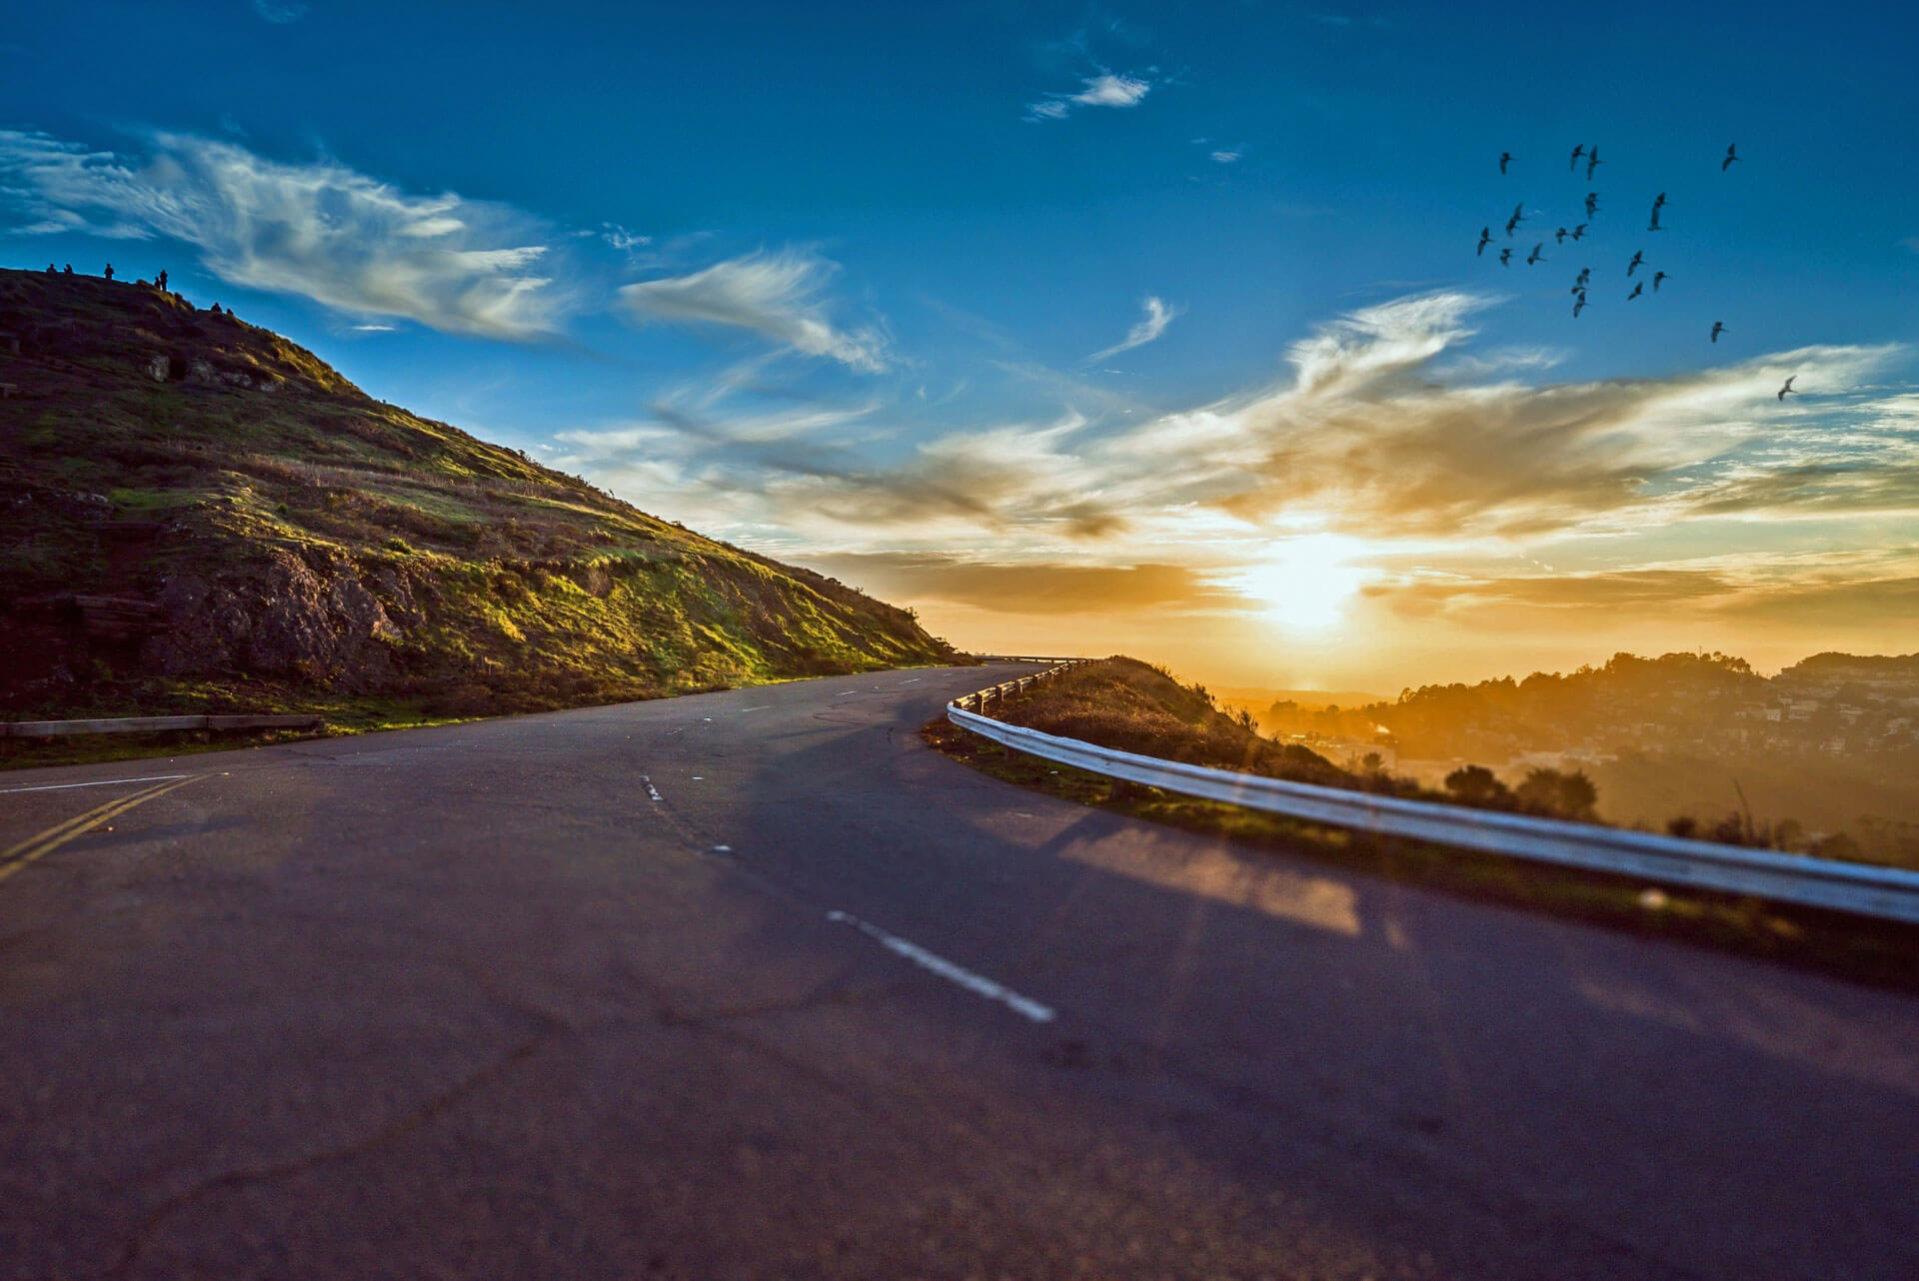 Mountain Road Sunset